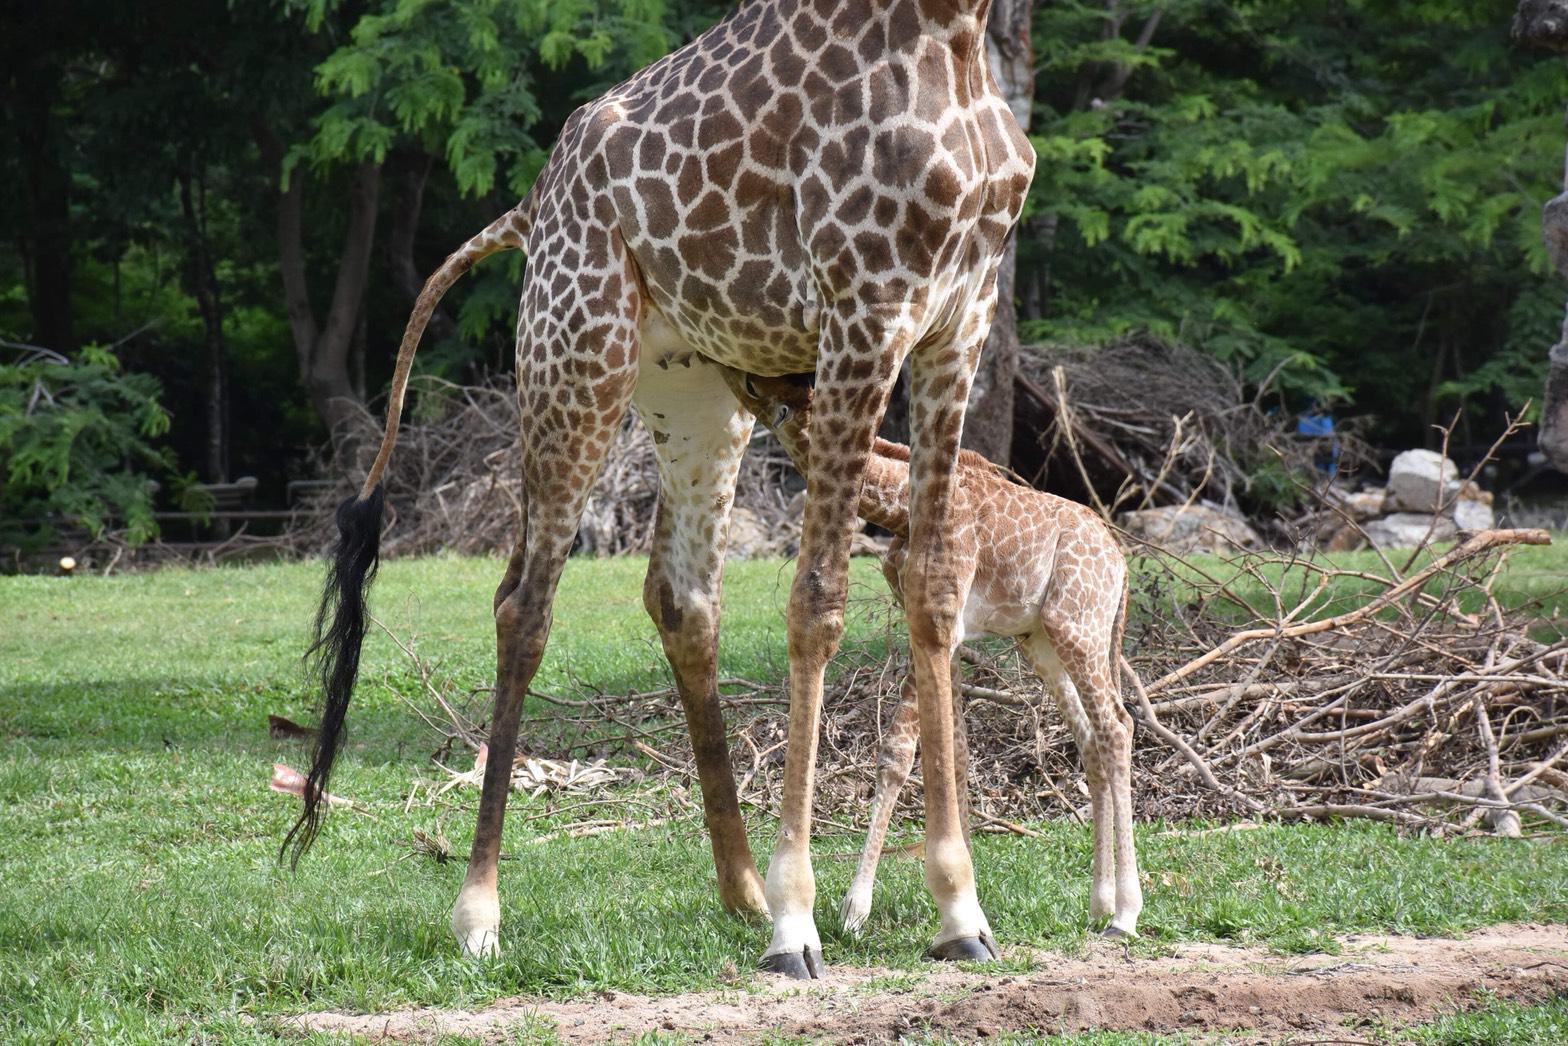 สวนสัตว์เขาเขียว เปิดตัวสมาชิกใหม่ลูกยีราฟ พร้อมชวนโหวตชื่อ ลุ้นรางวัลใหญ่